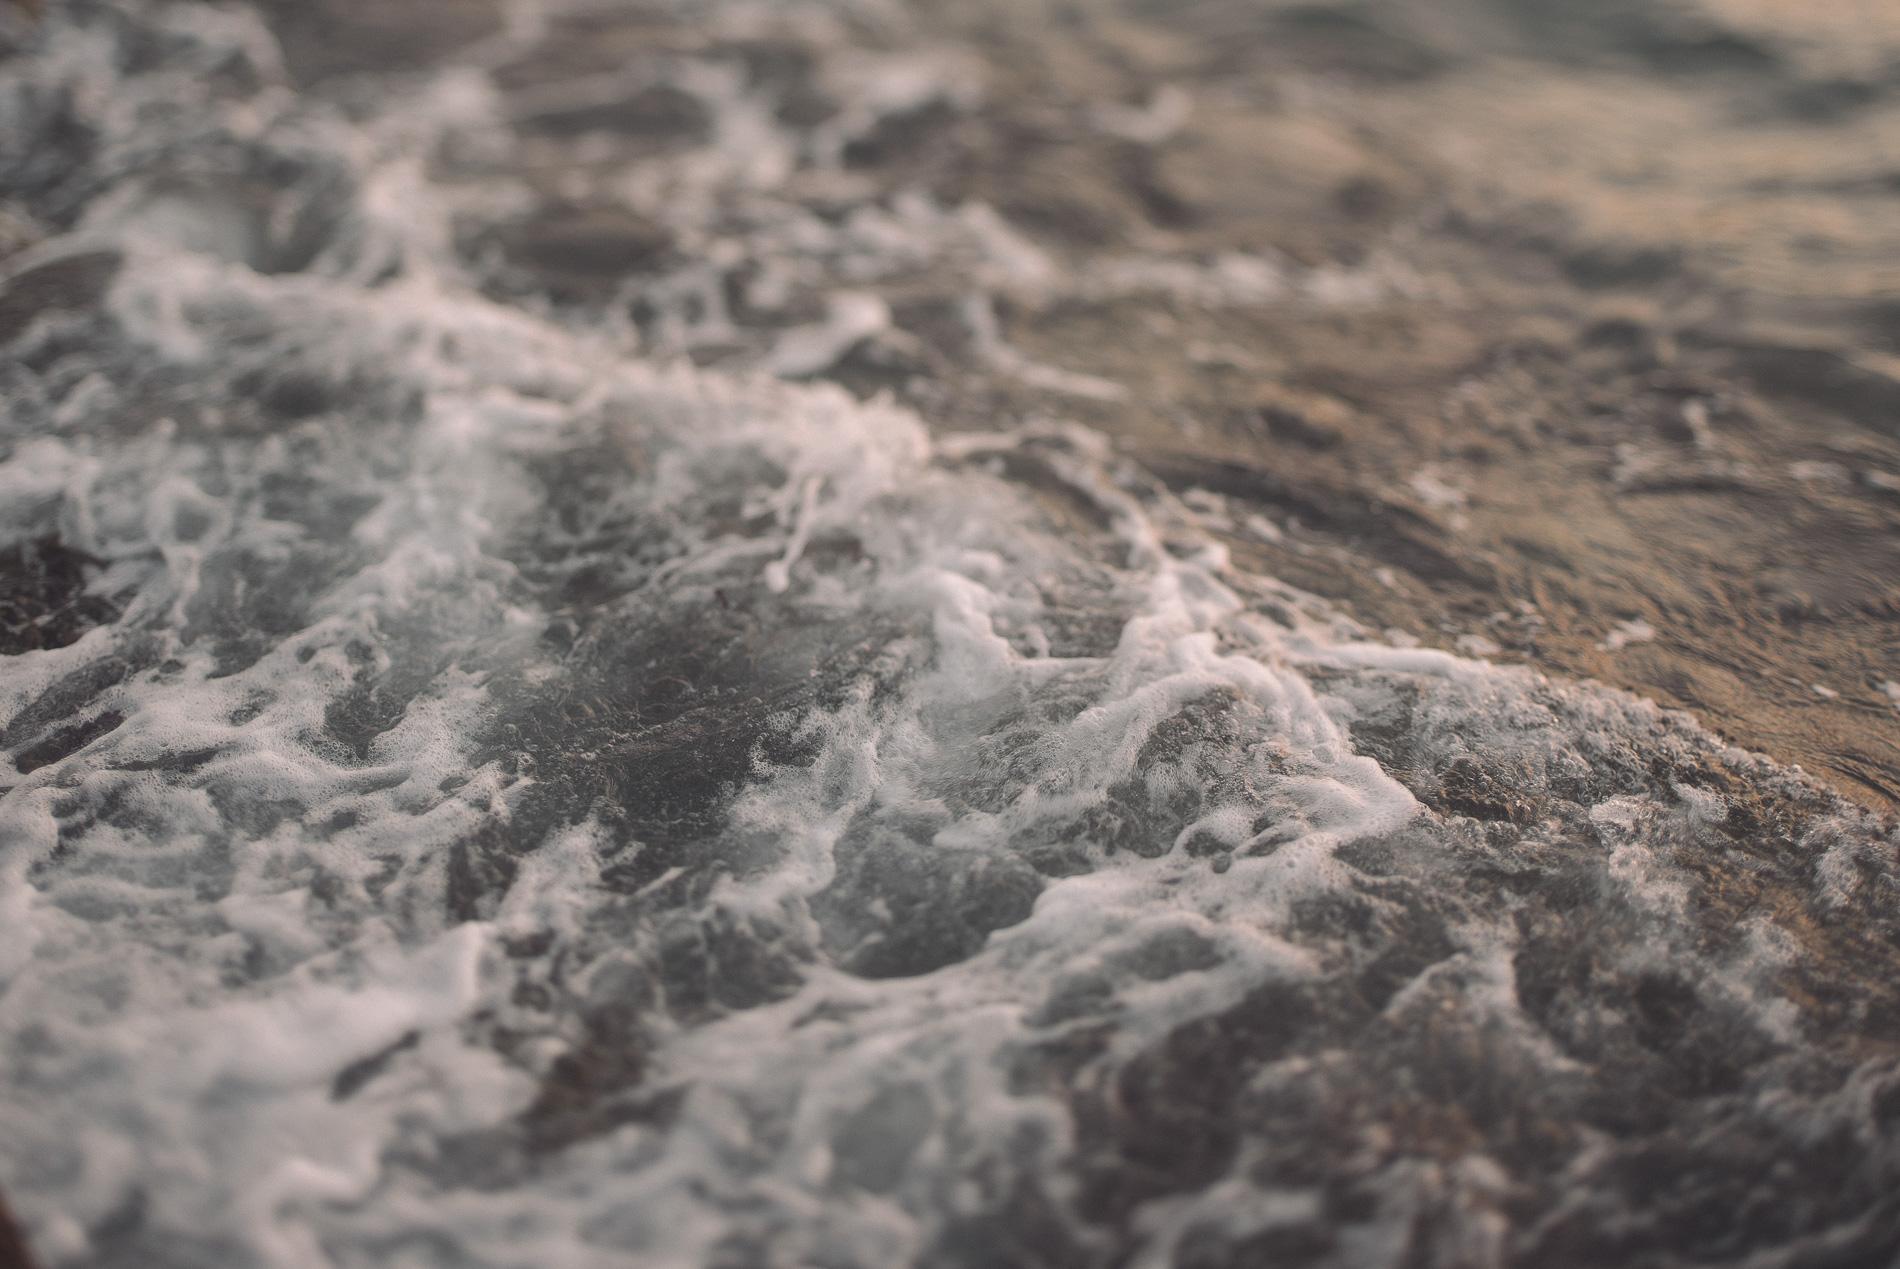 Ocean water in the harbor